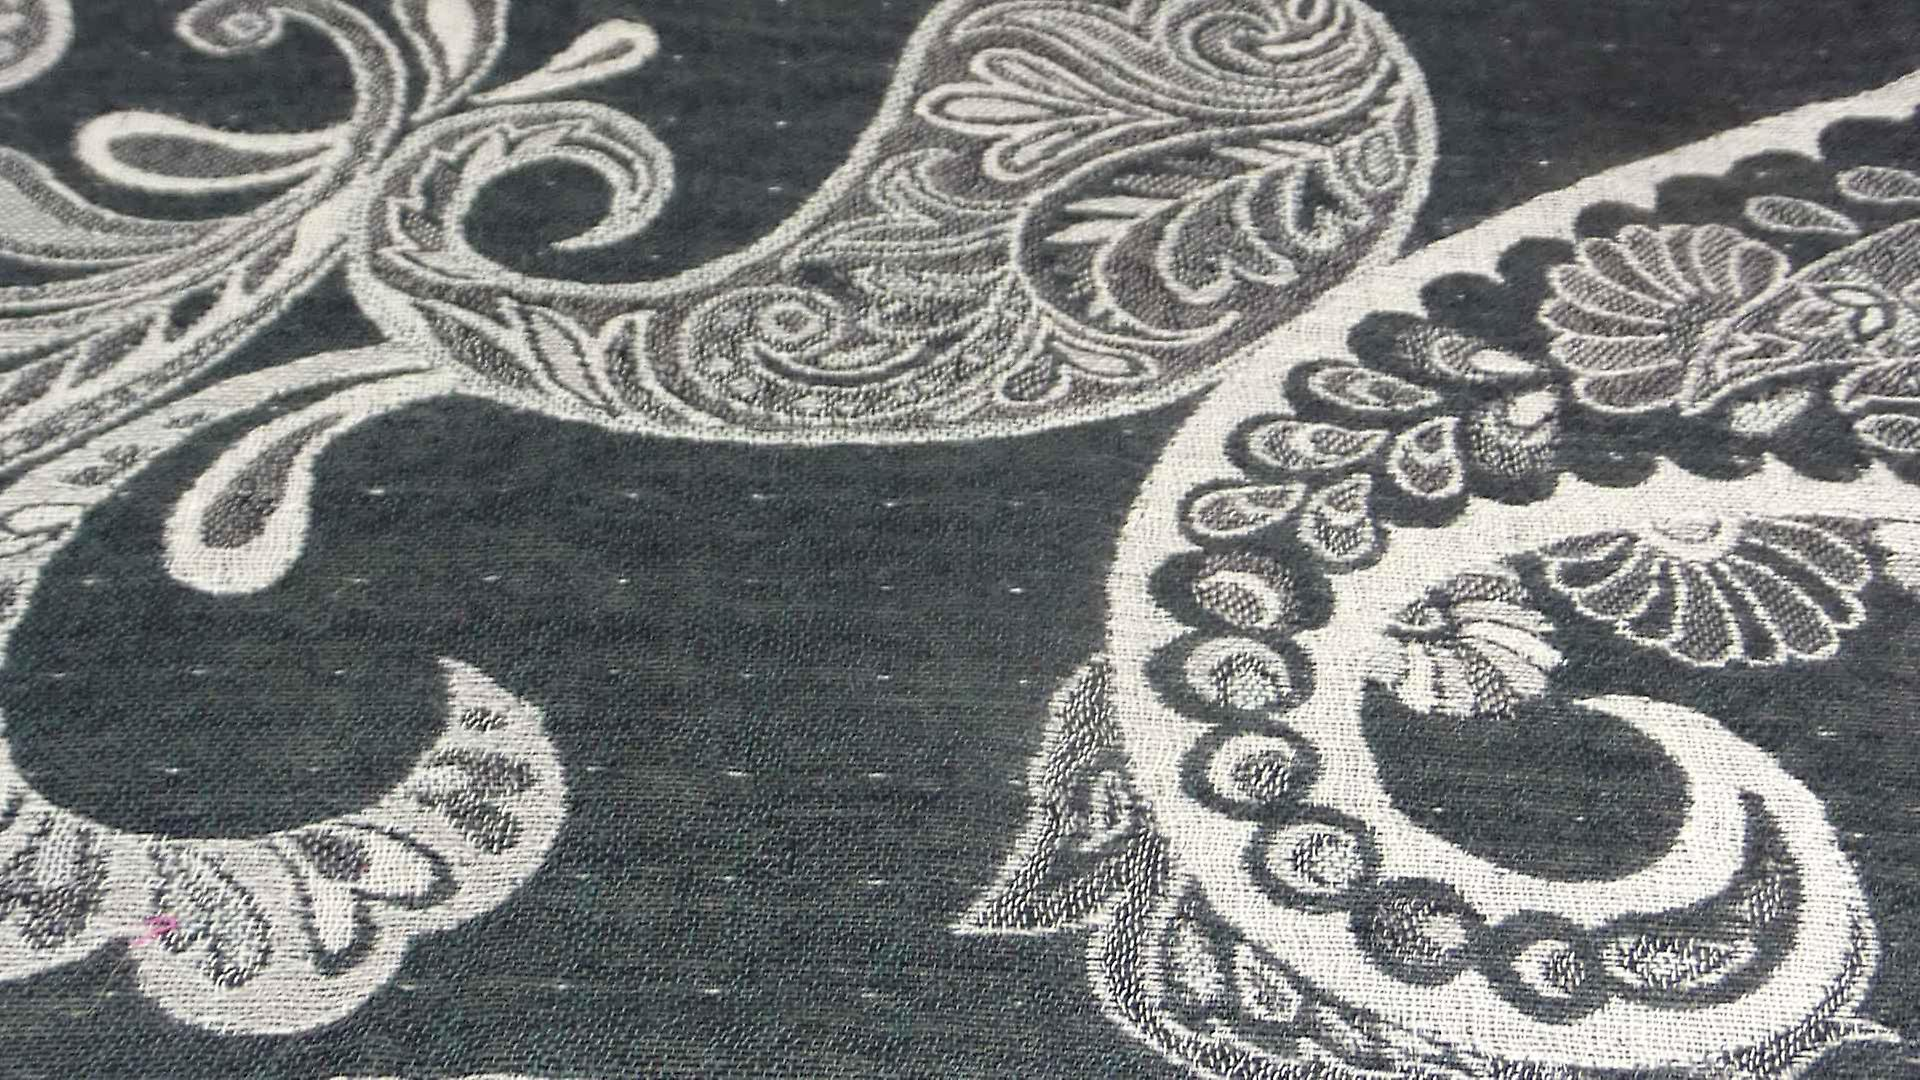 Muffler Scarf 2113 in Fine Pashmina Wool Heritage Range by Pashmina & Silk